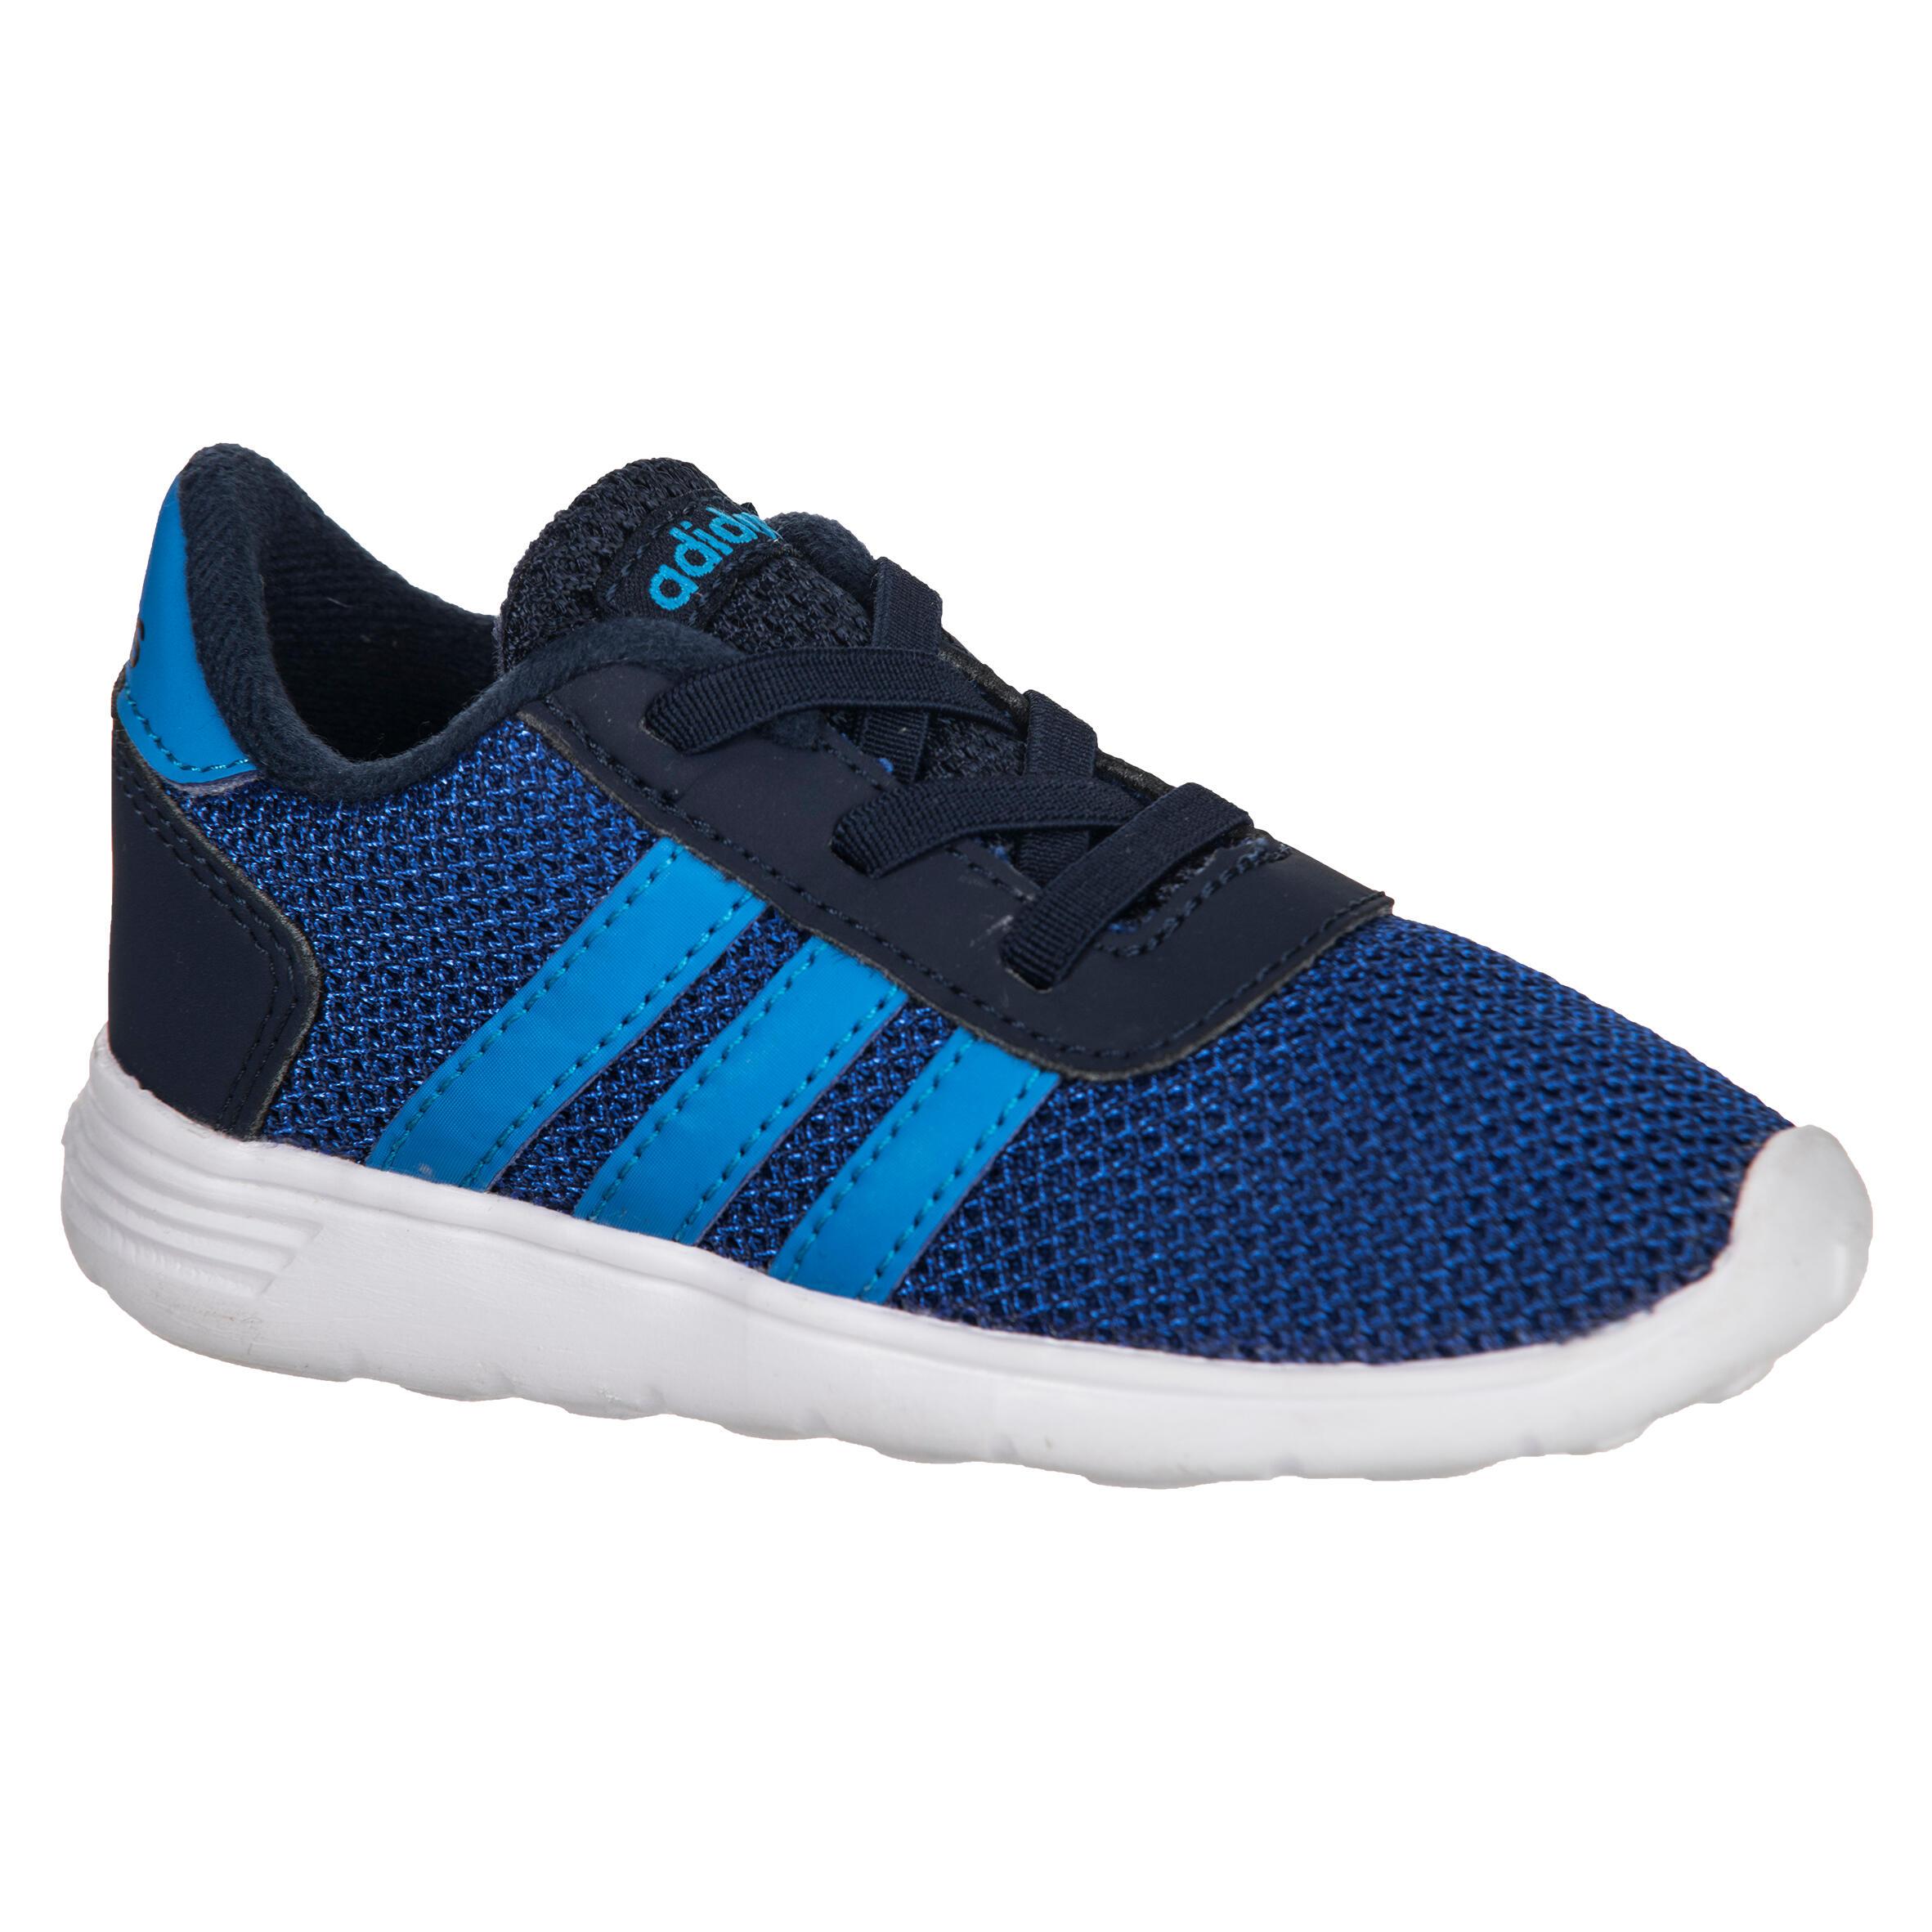 Lite Racer Sneakers Blauw Baby. Size 22